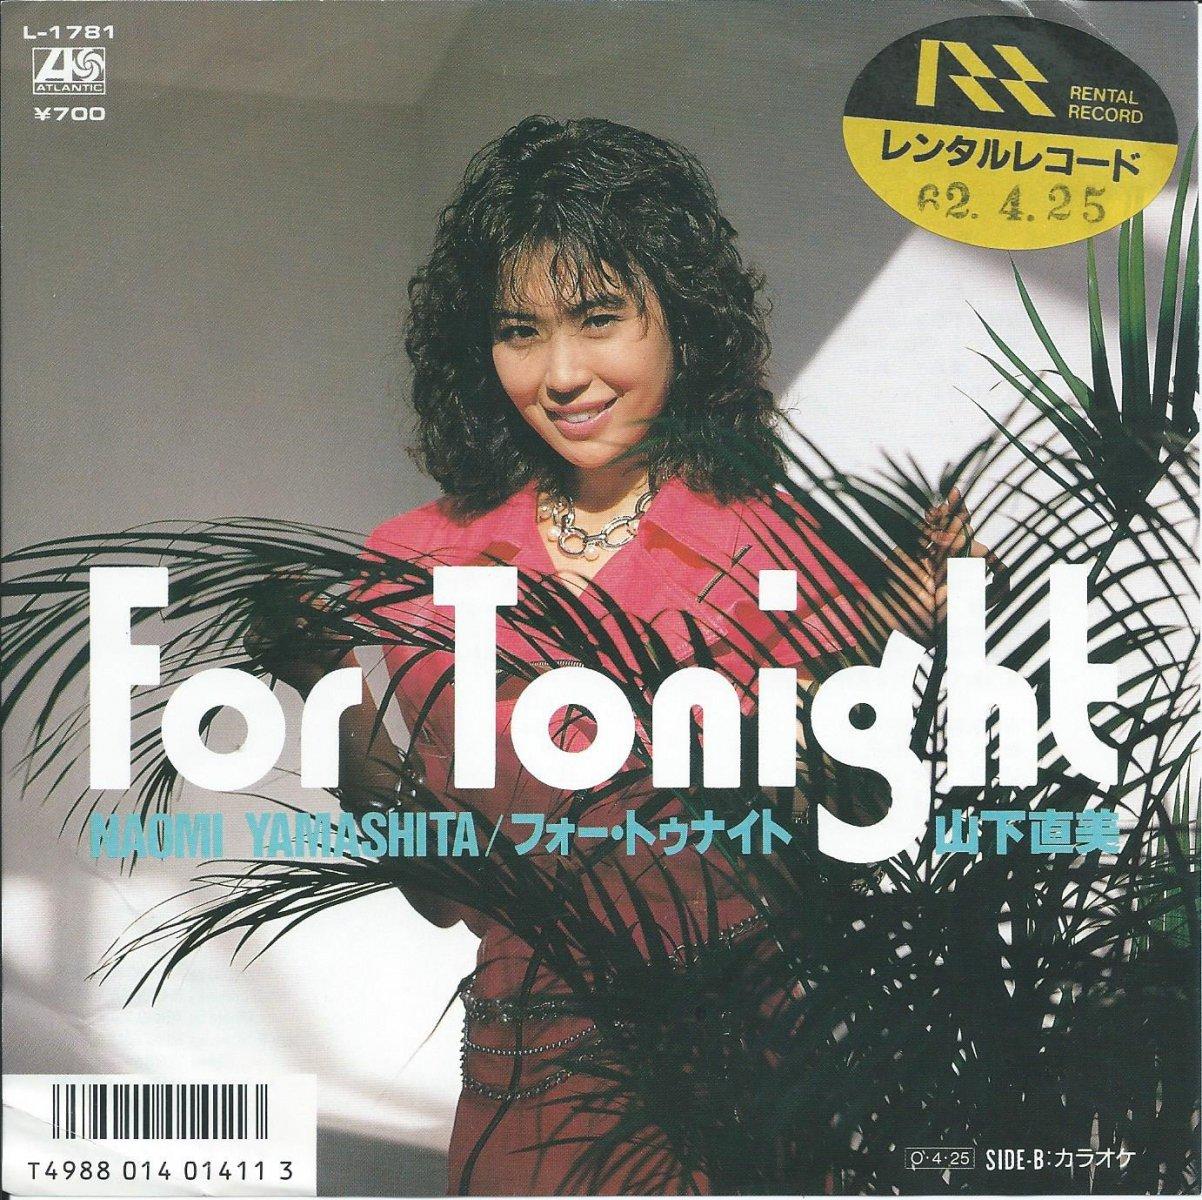 山下直美 NAOMI YAMASHITA / フォー・トゥナイト FOR TONIGHT (7